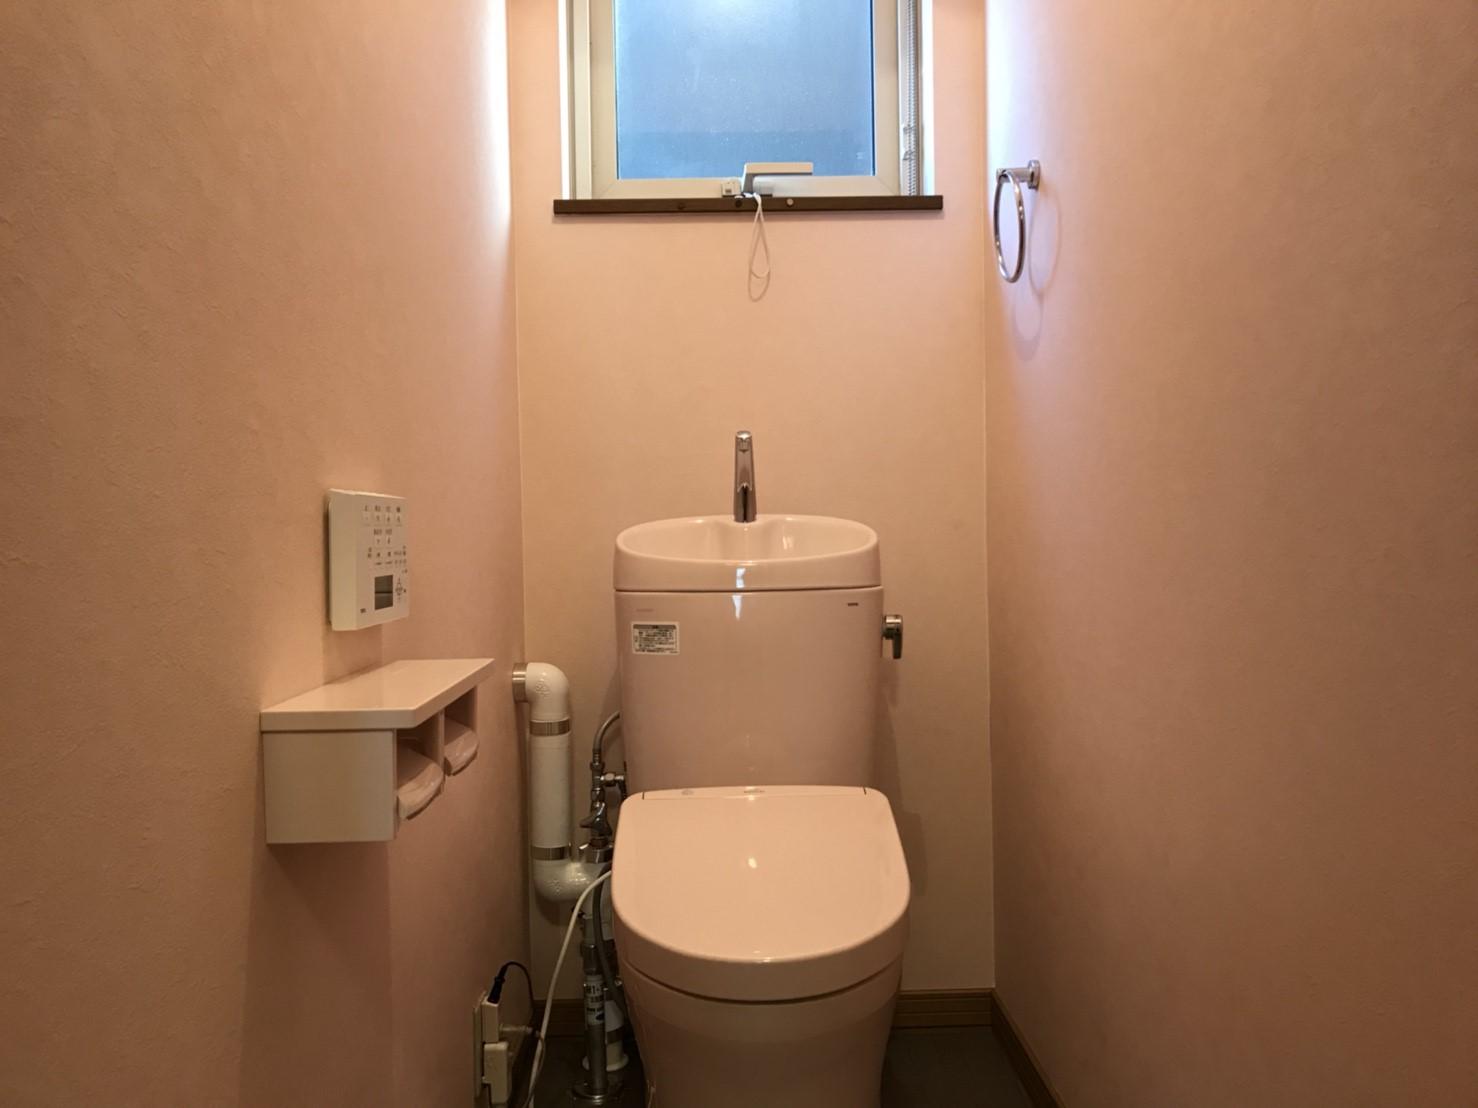 かなりの節水になり、さらに便器の凹凸が減りお掃除も簡単になりました。<br /> 壁紙や便器をピンク色にしたことで、可愛らしい空間になりました。